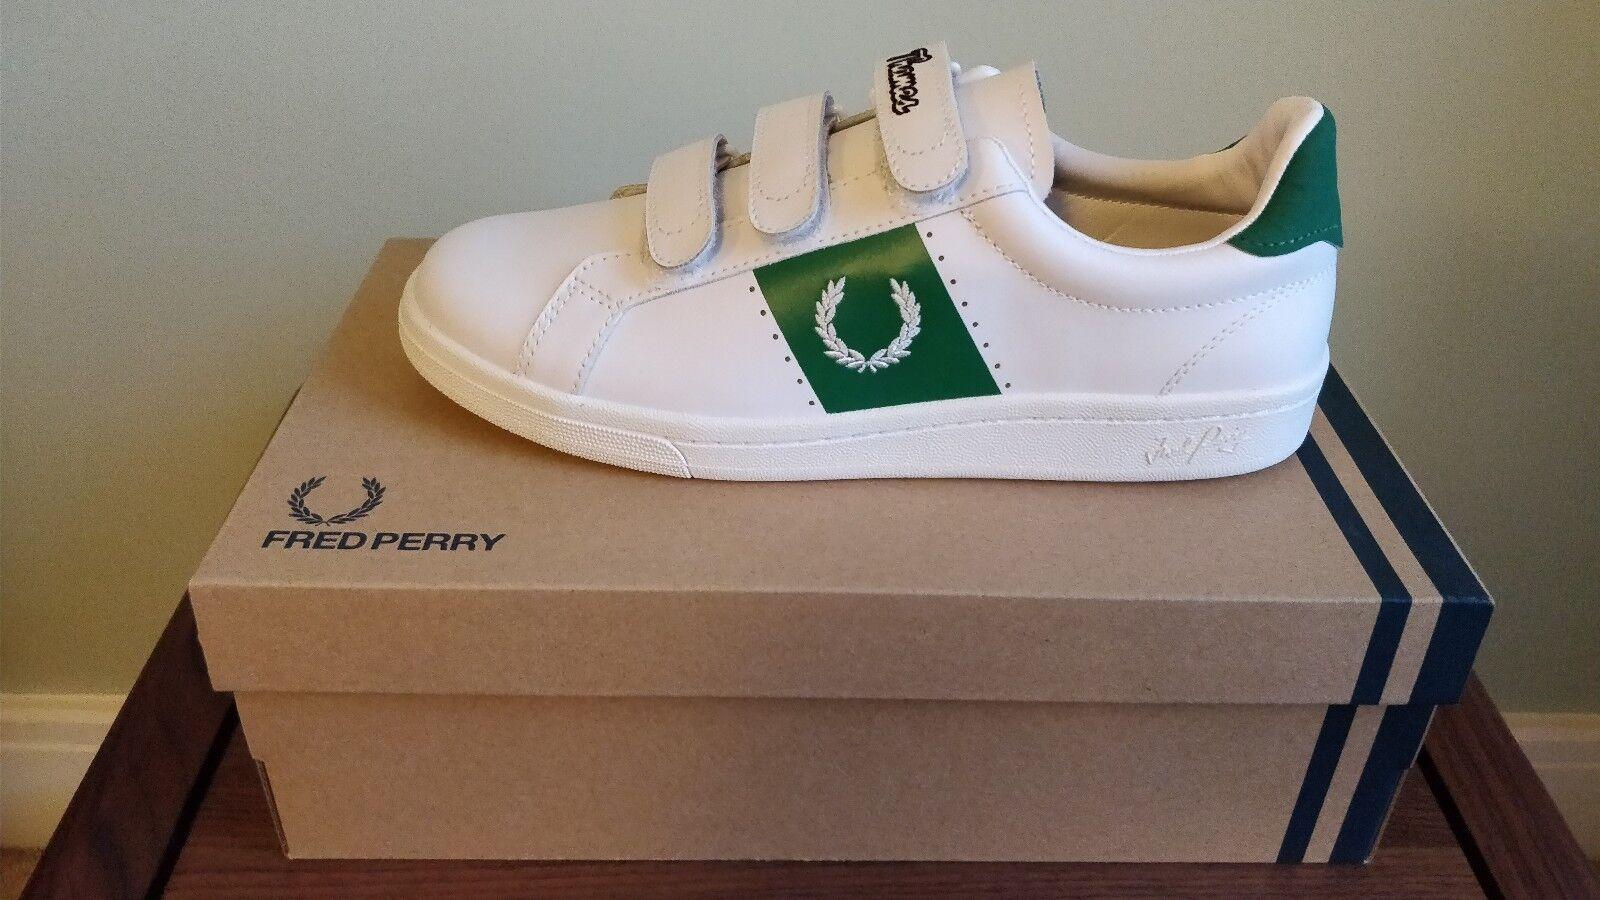 Para hombres Cuero Frojo Perry B721 Thames Zapatos, blancoo, Talla